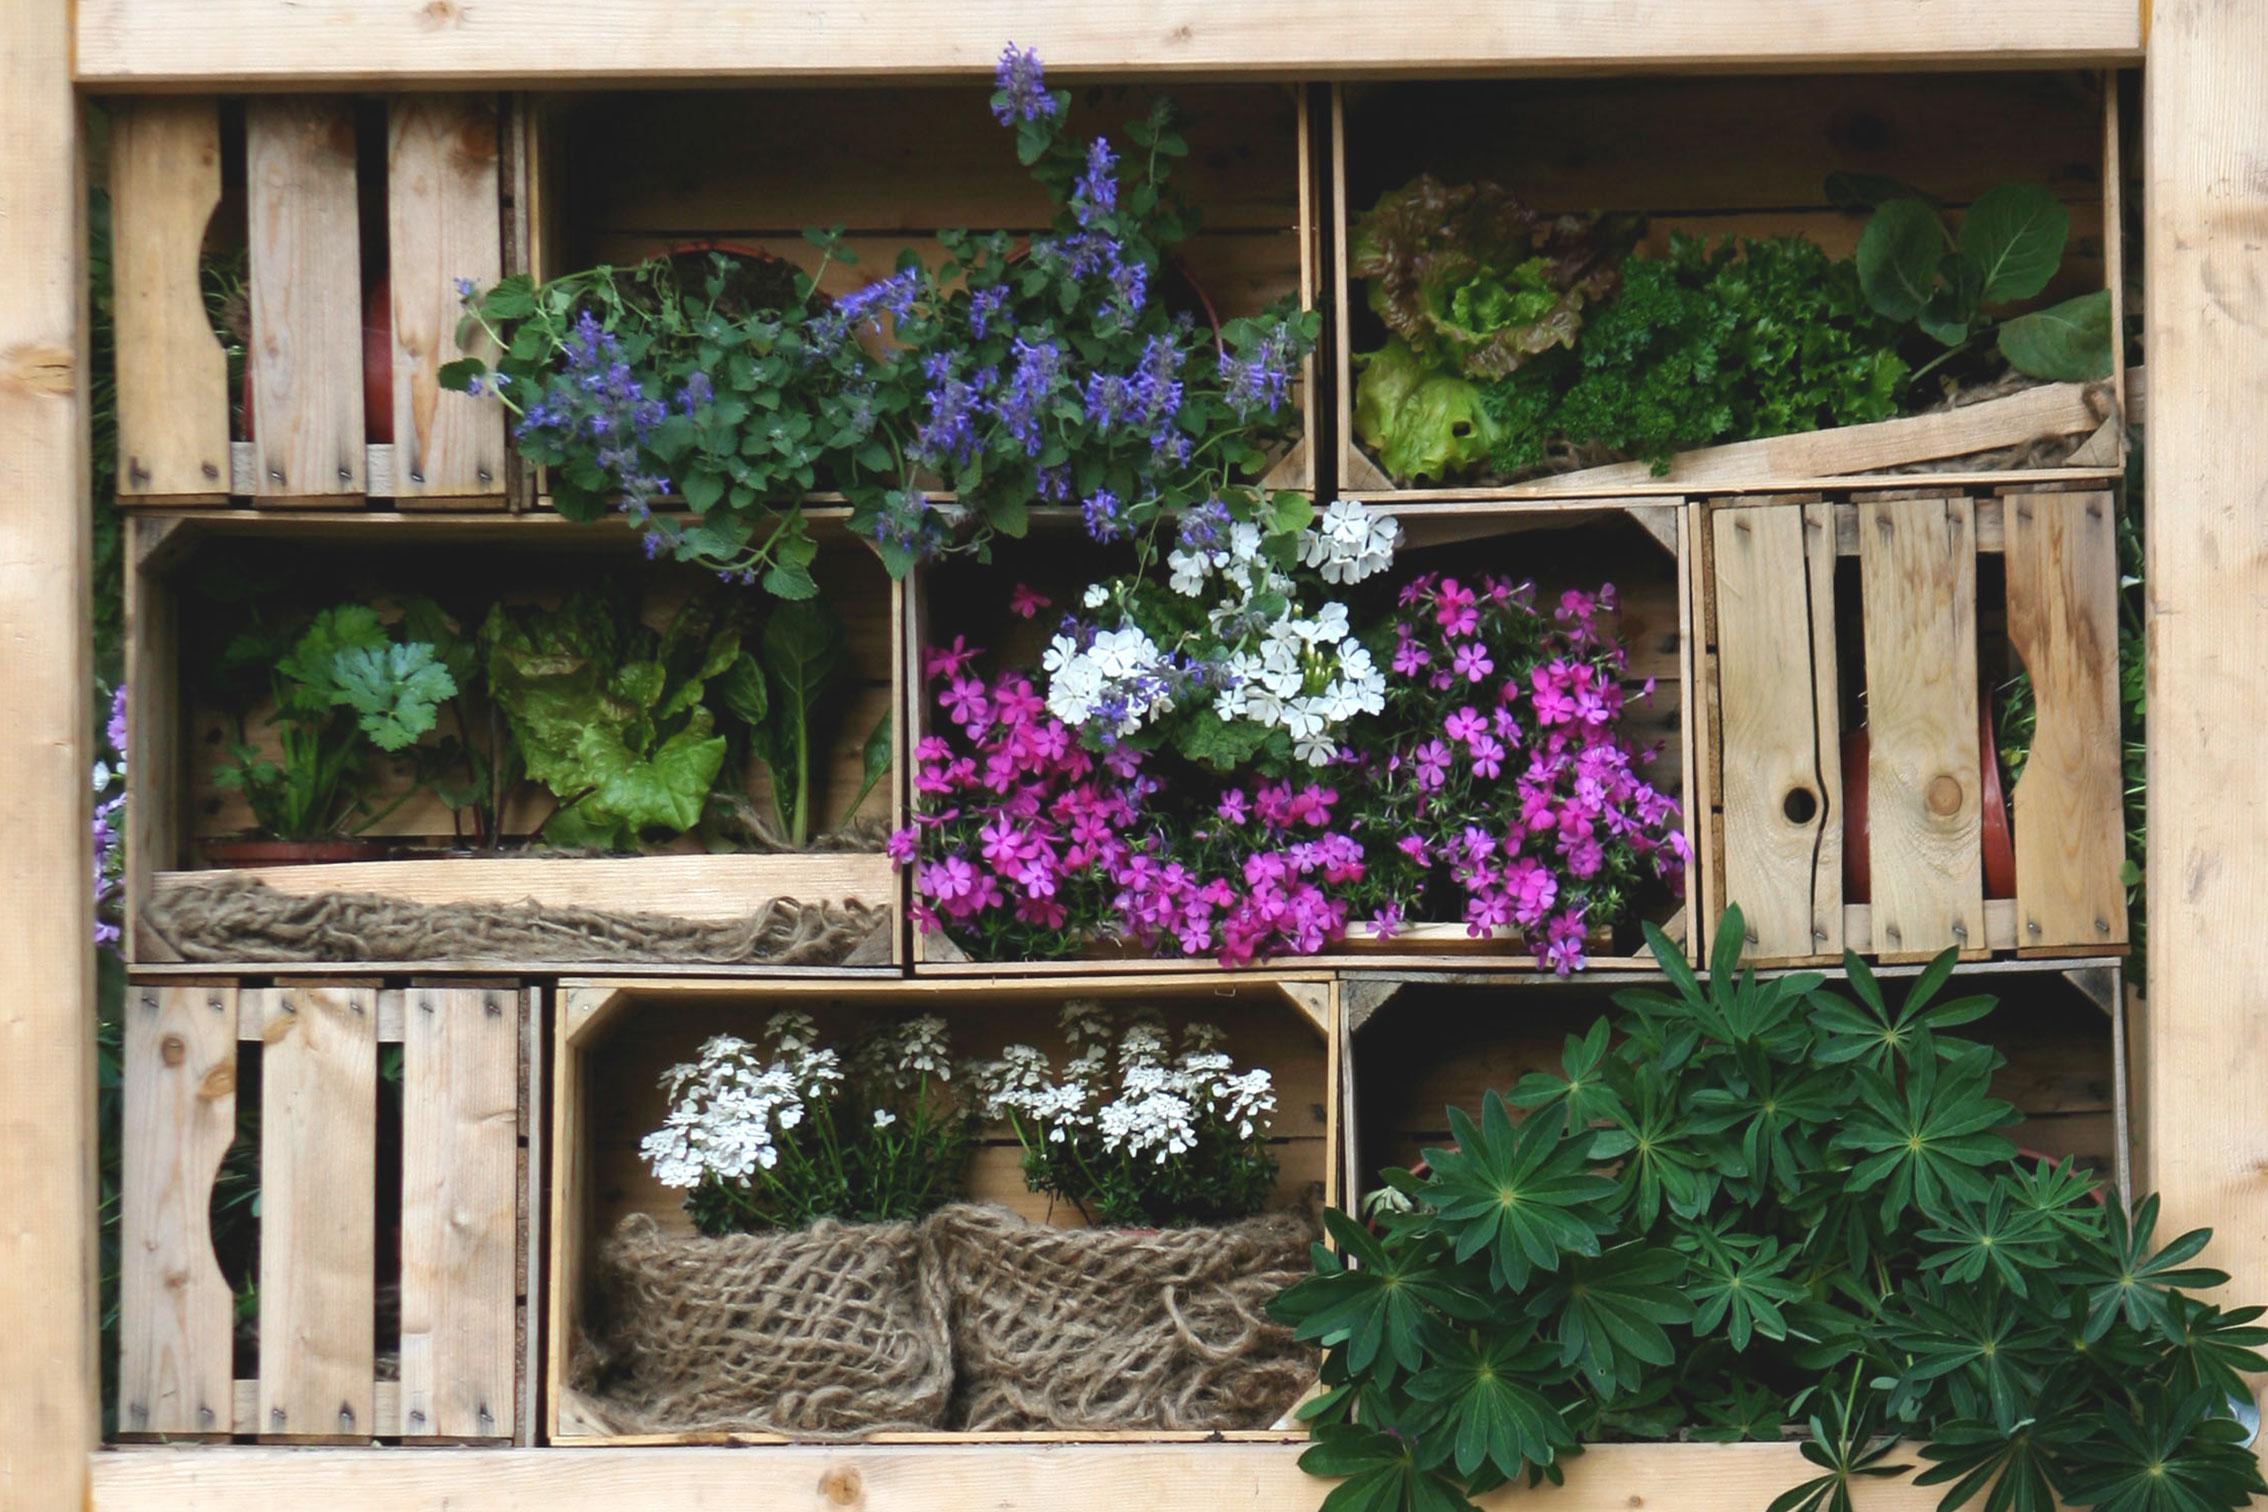 Consigli Pratici Per Realizzare Il Tuo Orto Sul Balcone O In Cucina